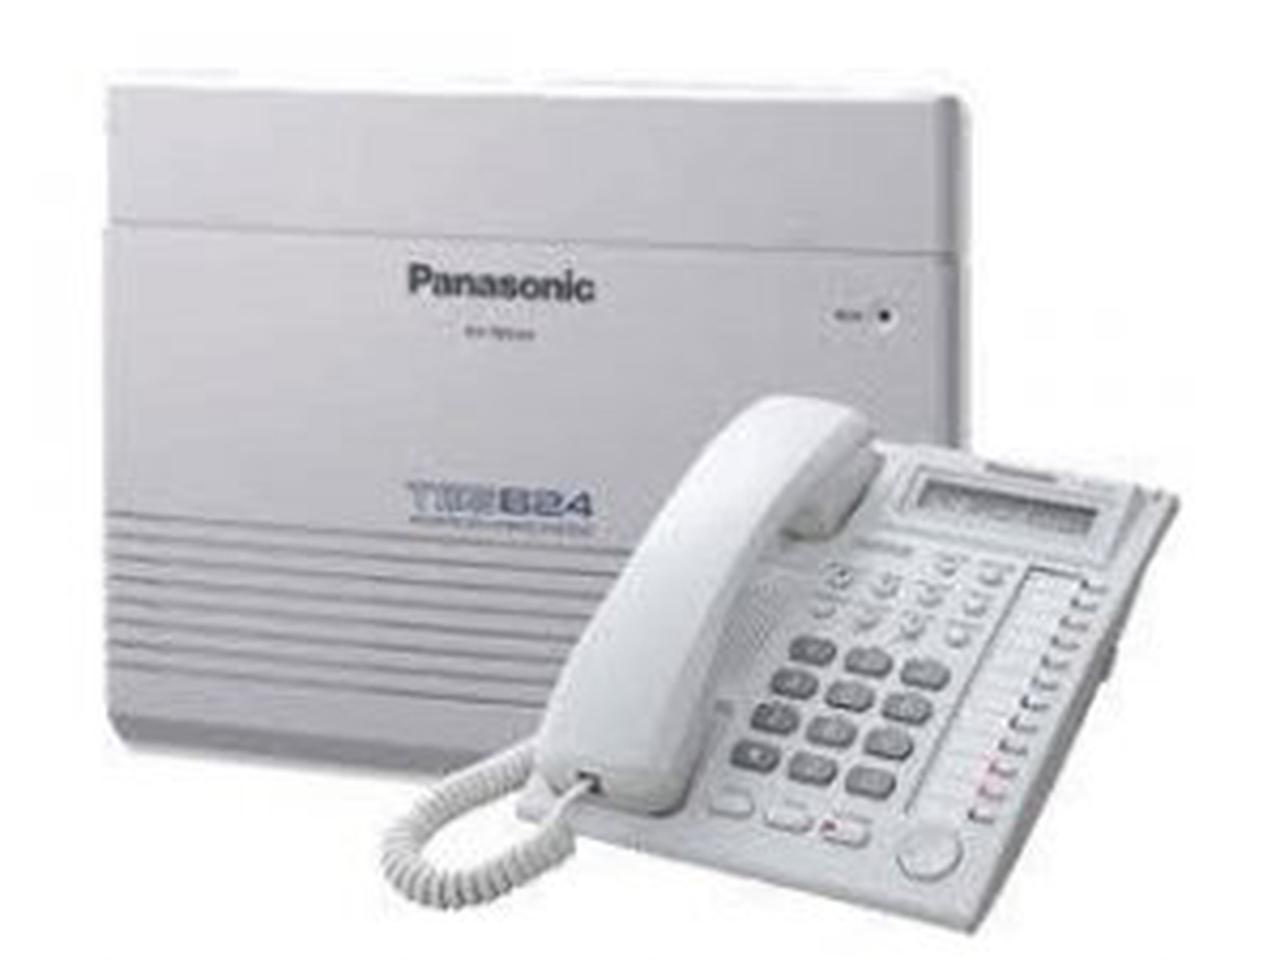 ตู้สาขาโทรศัพท์ panasonic ราคาถูก รุ่น KX-TES824BX 3 สายนอก 8 สายใน รูปที่ 1